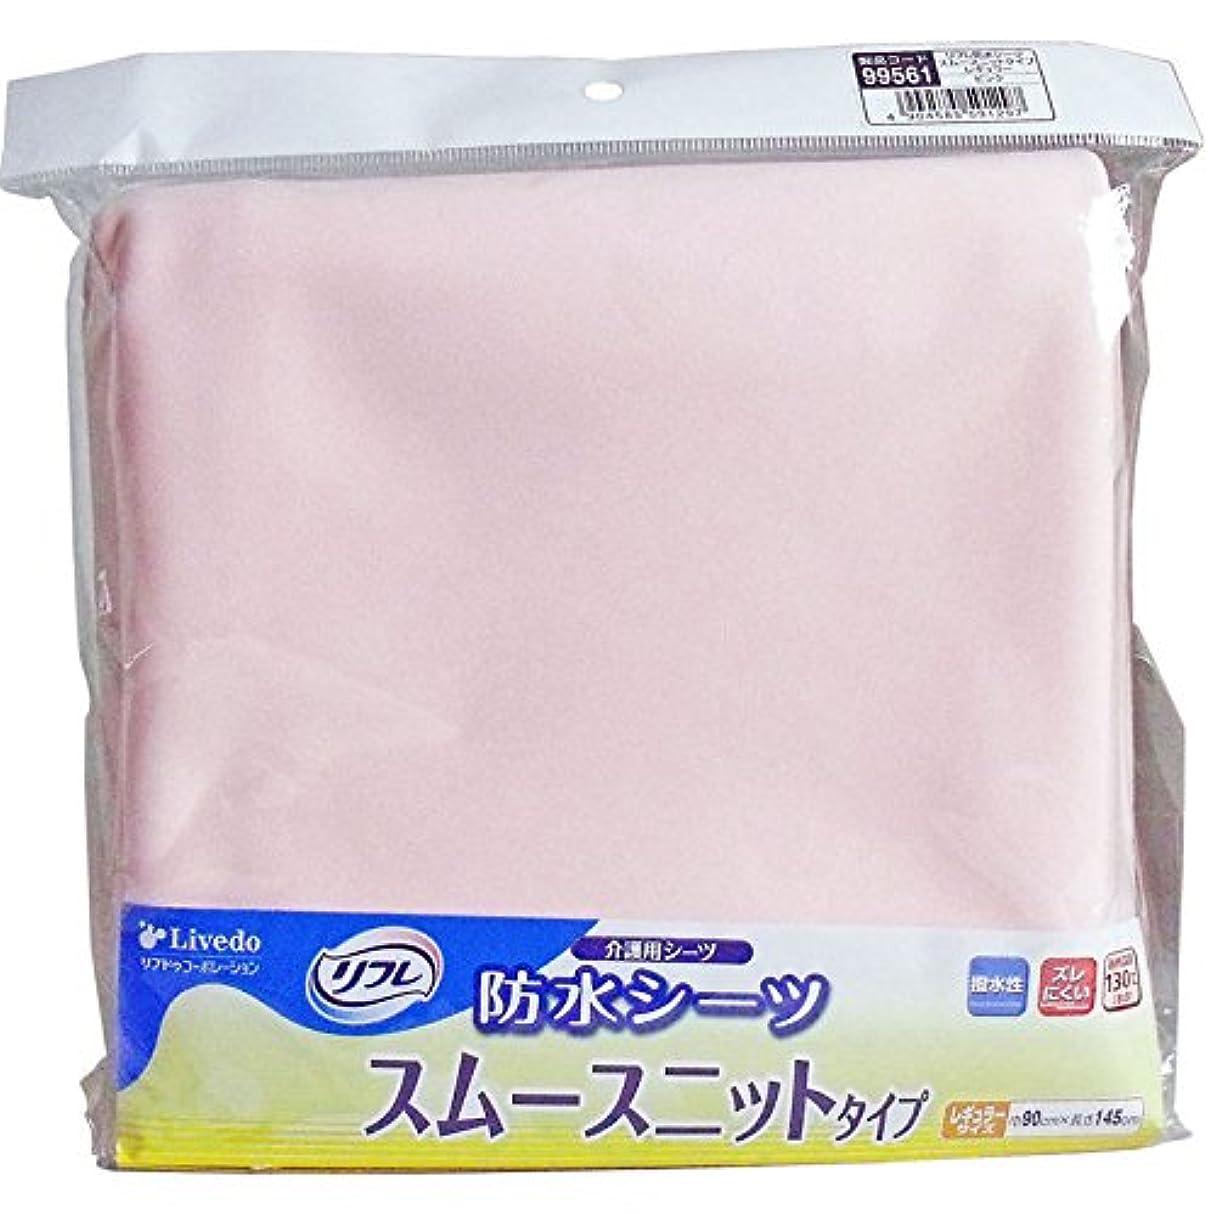 まとめるハドル実質的に介護用シーツ 洗濯して繰り返し使用可能 便利 リフレ 防水シーツ スムースニットタイプ レギュラーサイズ ピンク 1枚入【2個セット】